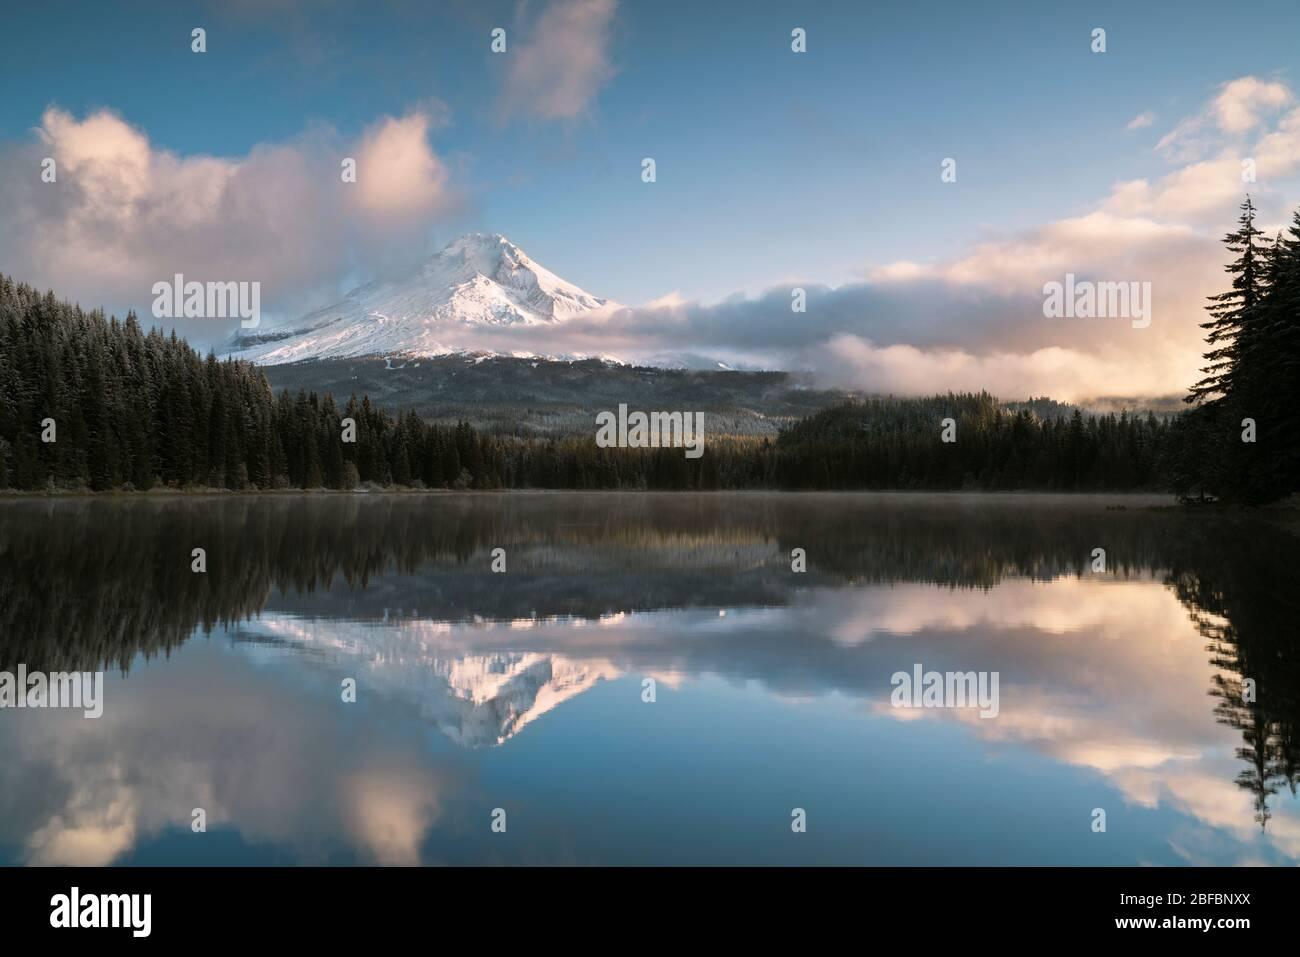 Las nubes de la mañana temprano rompen revelando la fresca Nevada otoñal en el Monte Hood de Oregón que se refleja en el Lago Trillium. Foto de stock